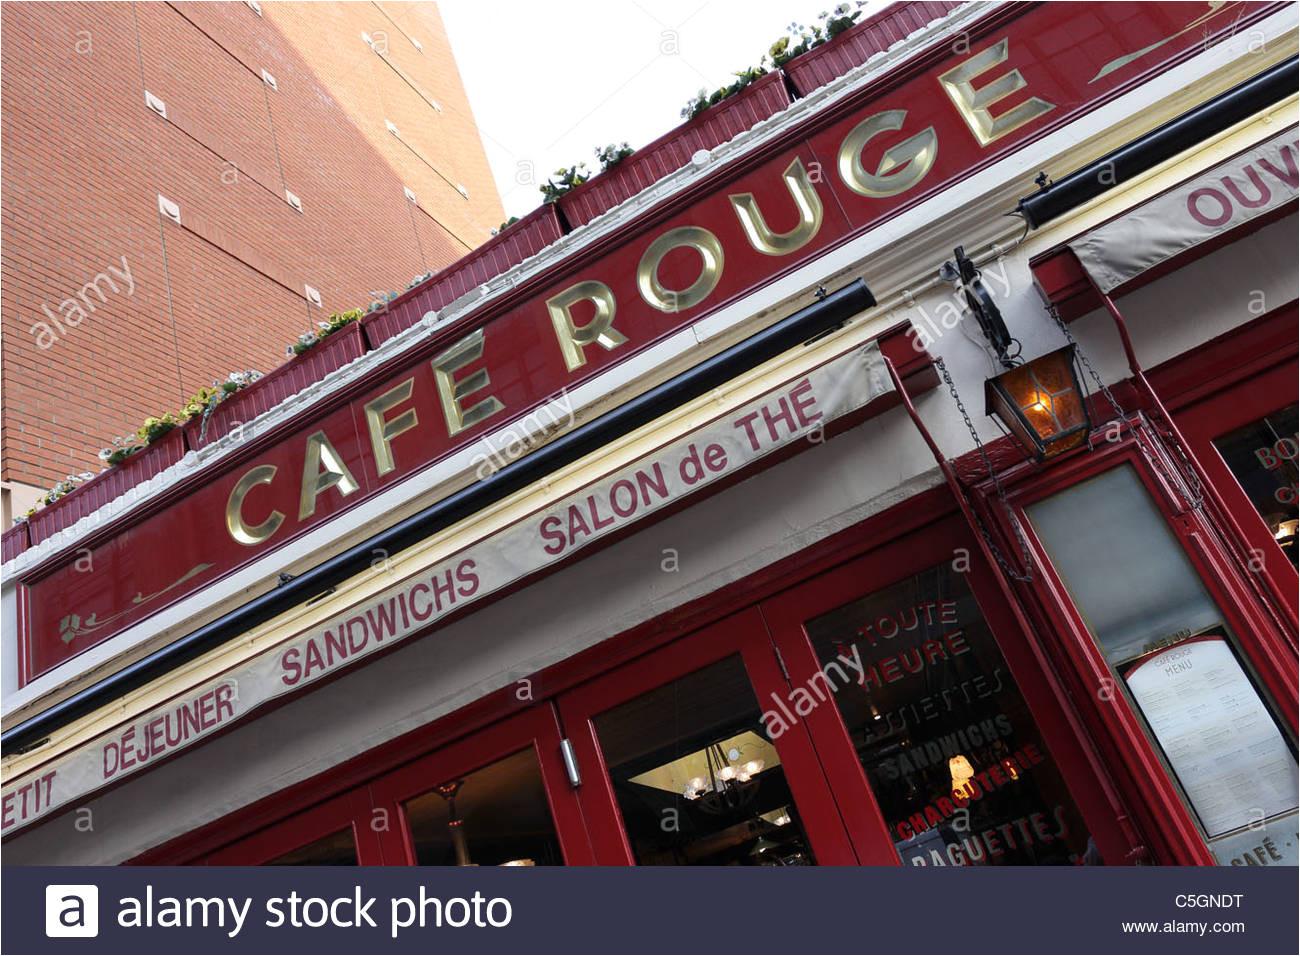 cafe rouge beliebtes restaurant und cafe gegenuber kaufhaus harrods in knightsbridge basil street gelegen